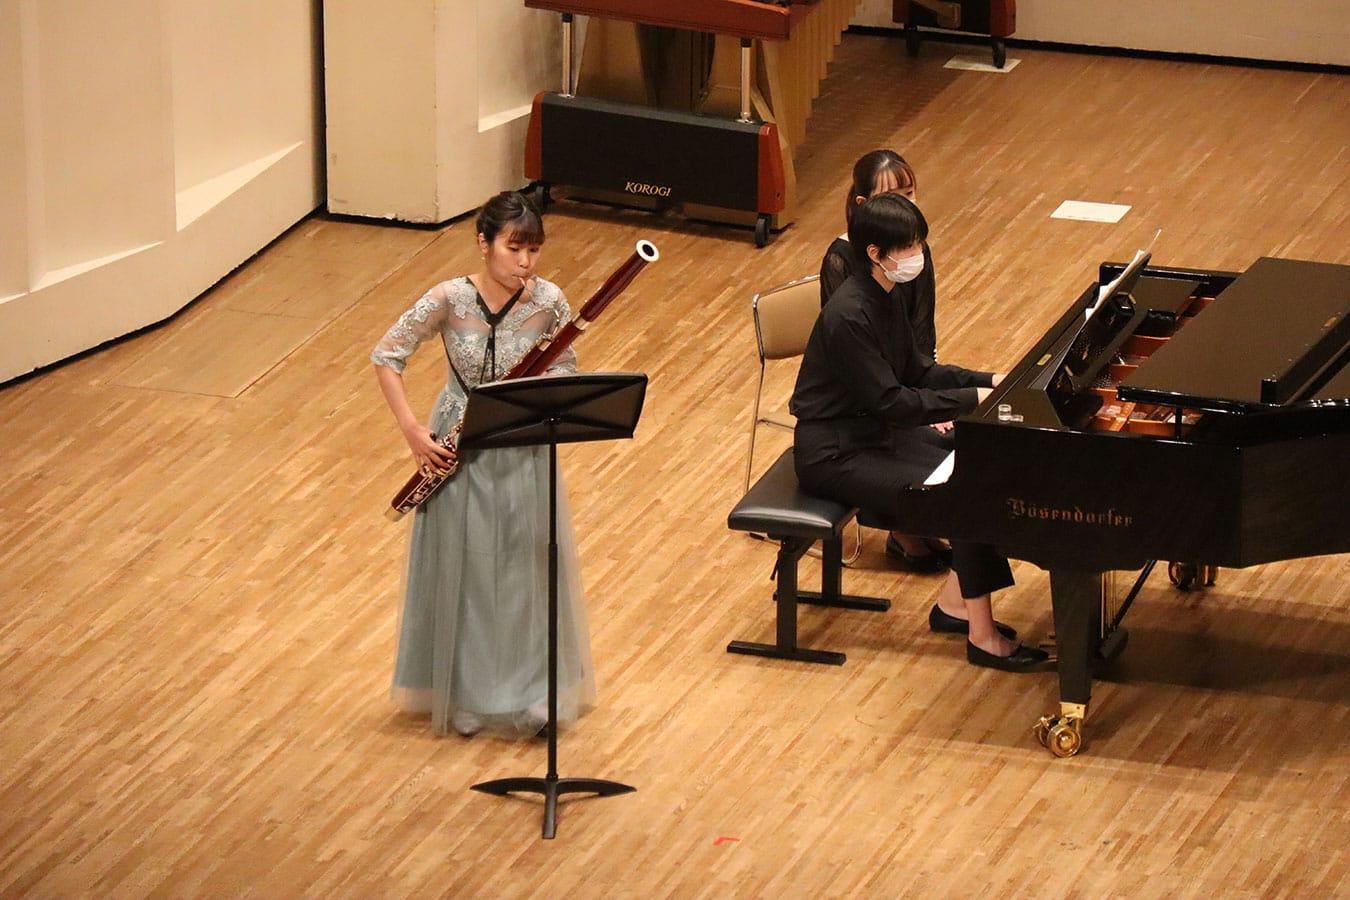 第6回学内演奏会 ―管打楽コース―演奏風景6